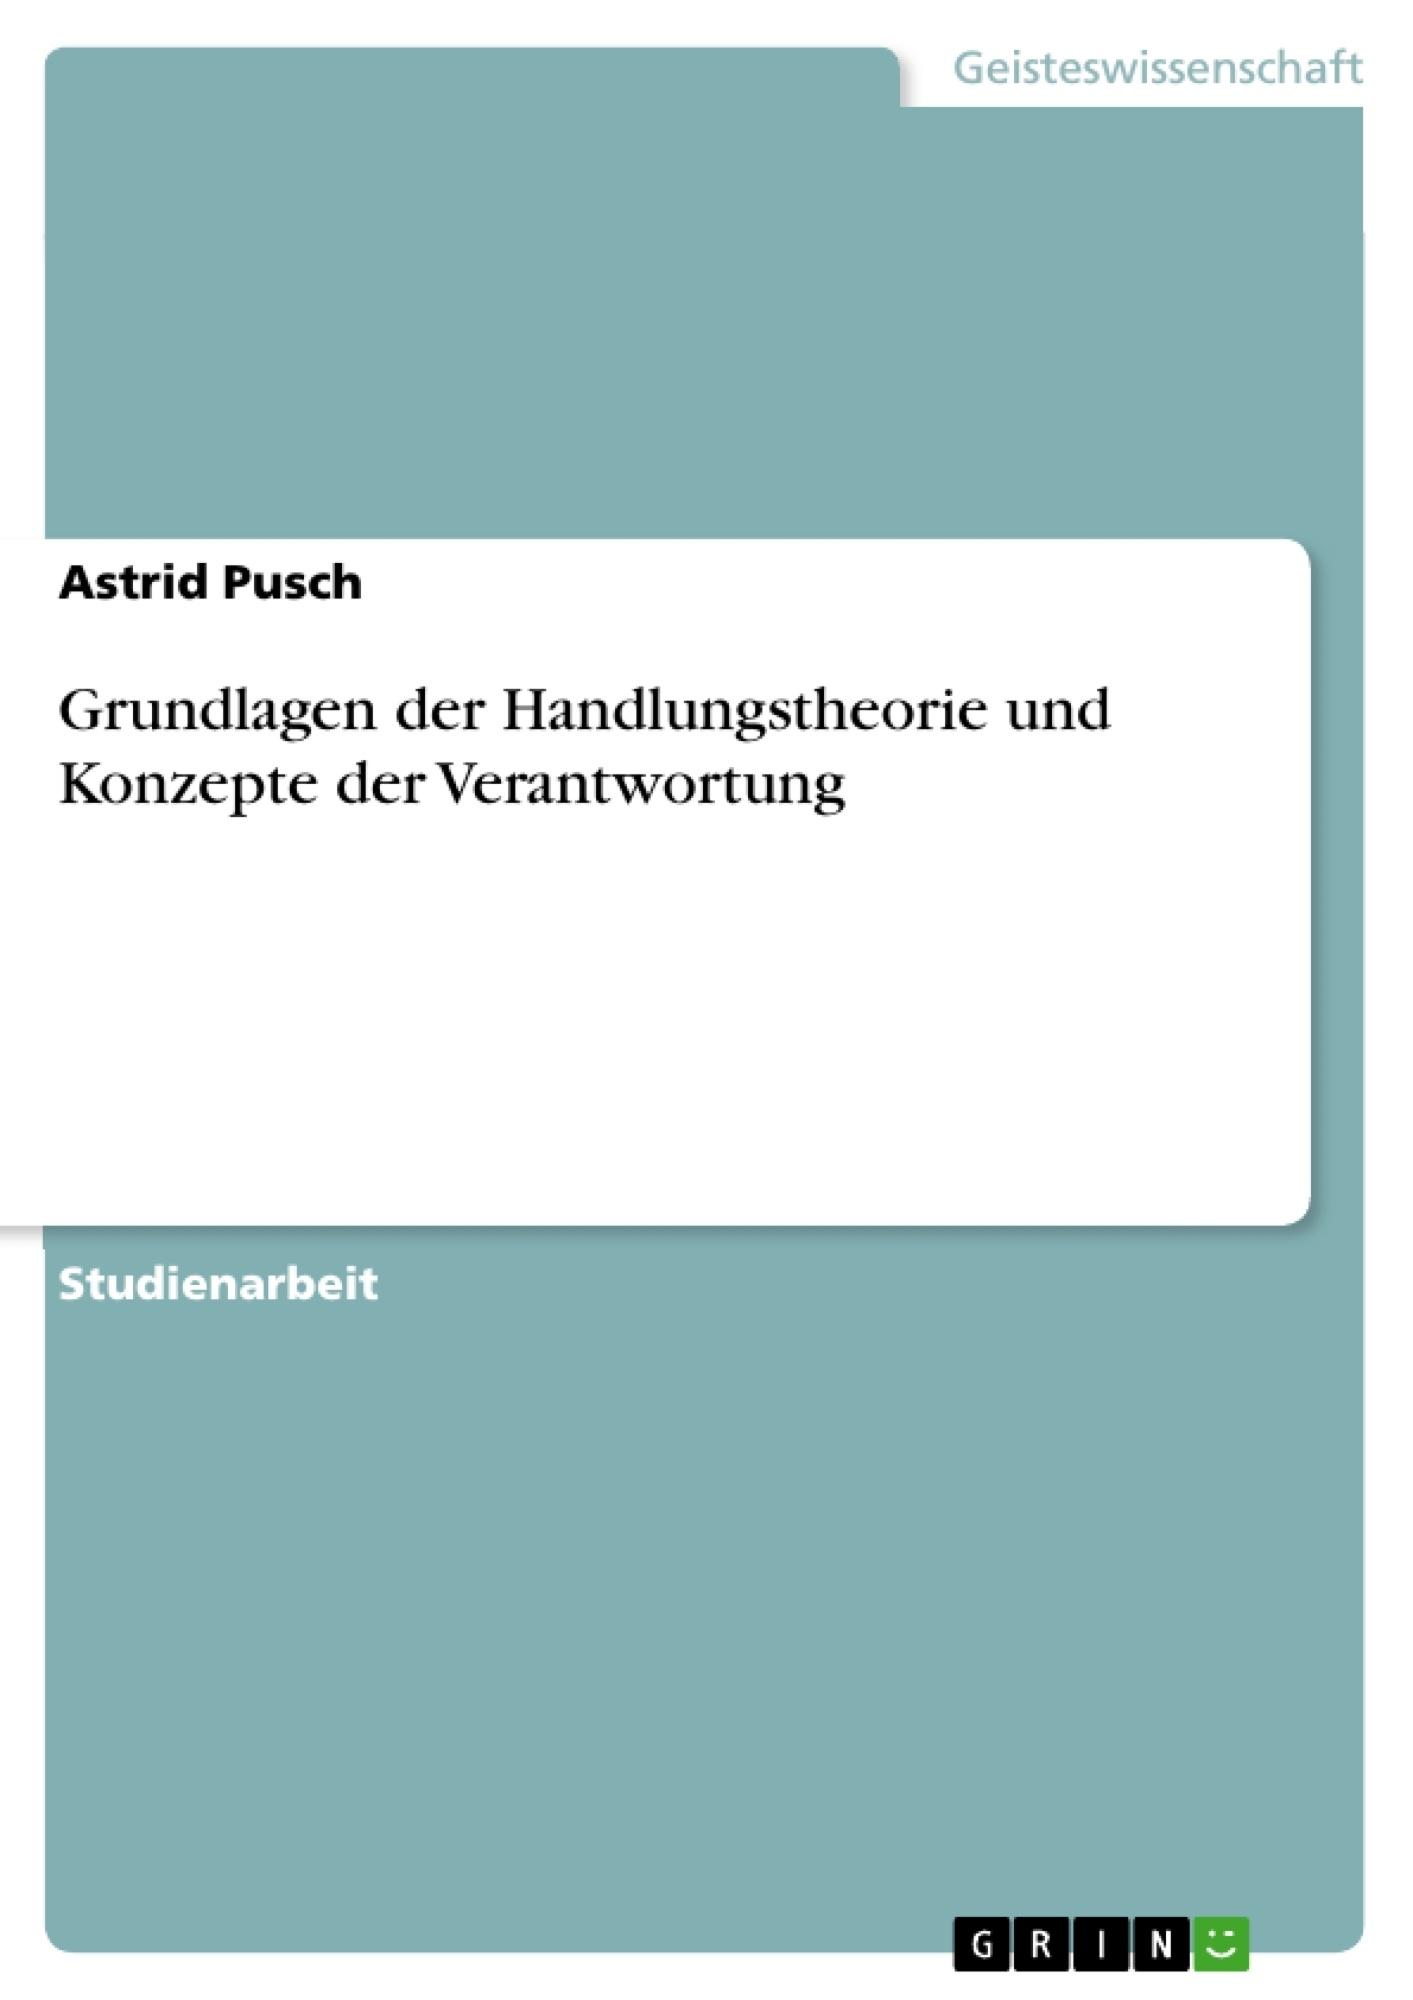 Titel: Grundlagen der Handlungstheorie und Konzepte der Verantwortung